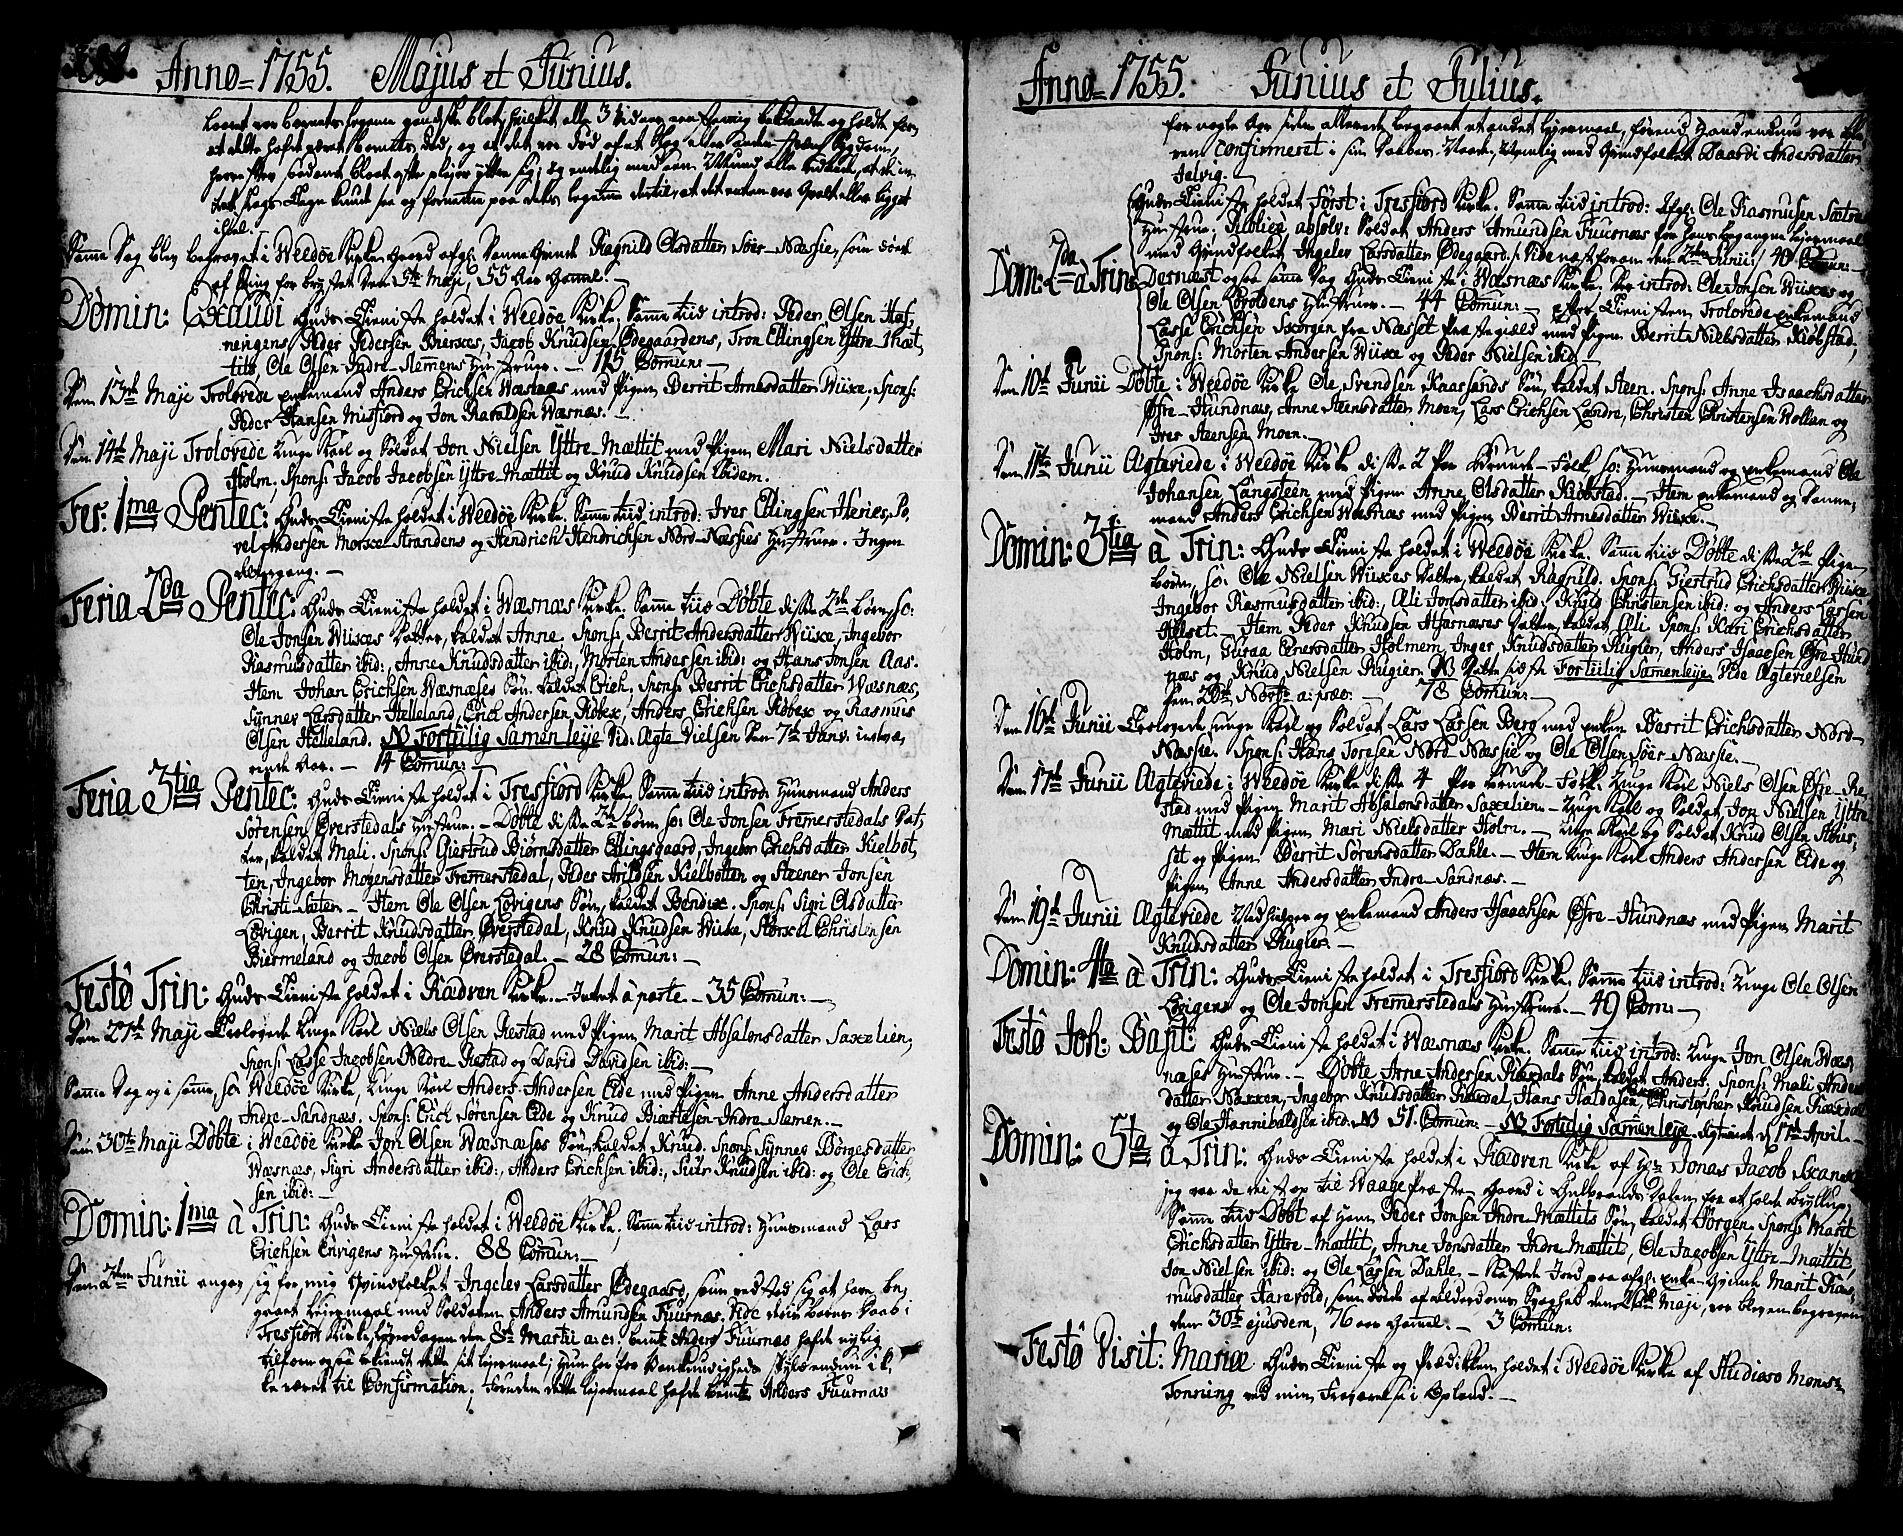 SAT, Ministerialprotokoller, klokkerbøker og fødselsregistre - Møre og Romsdal, 547/L0599: Ministerialbok nr. 547A01, 1721-1764, s. 399-400